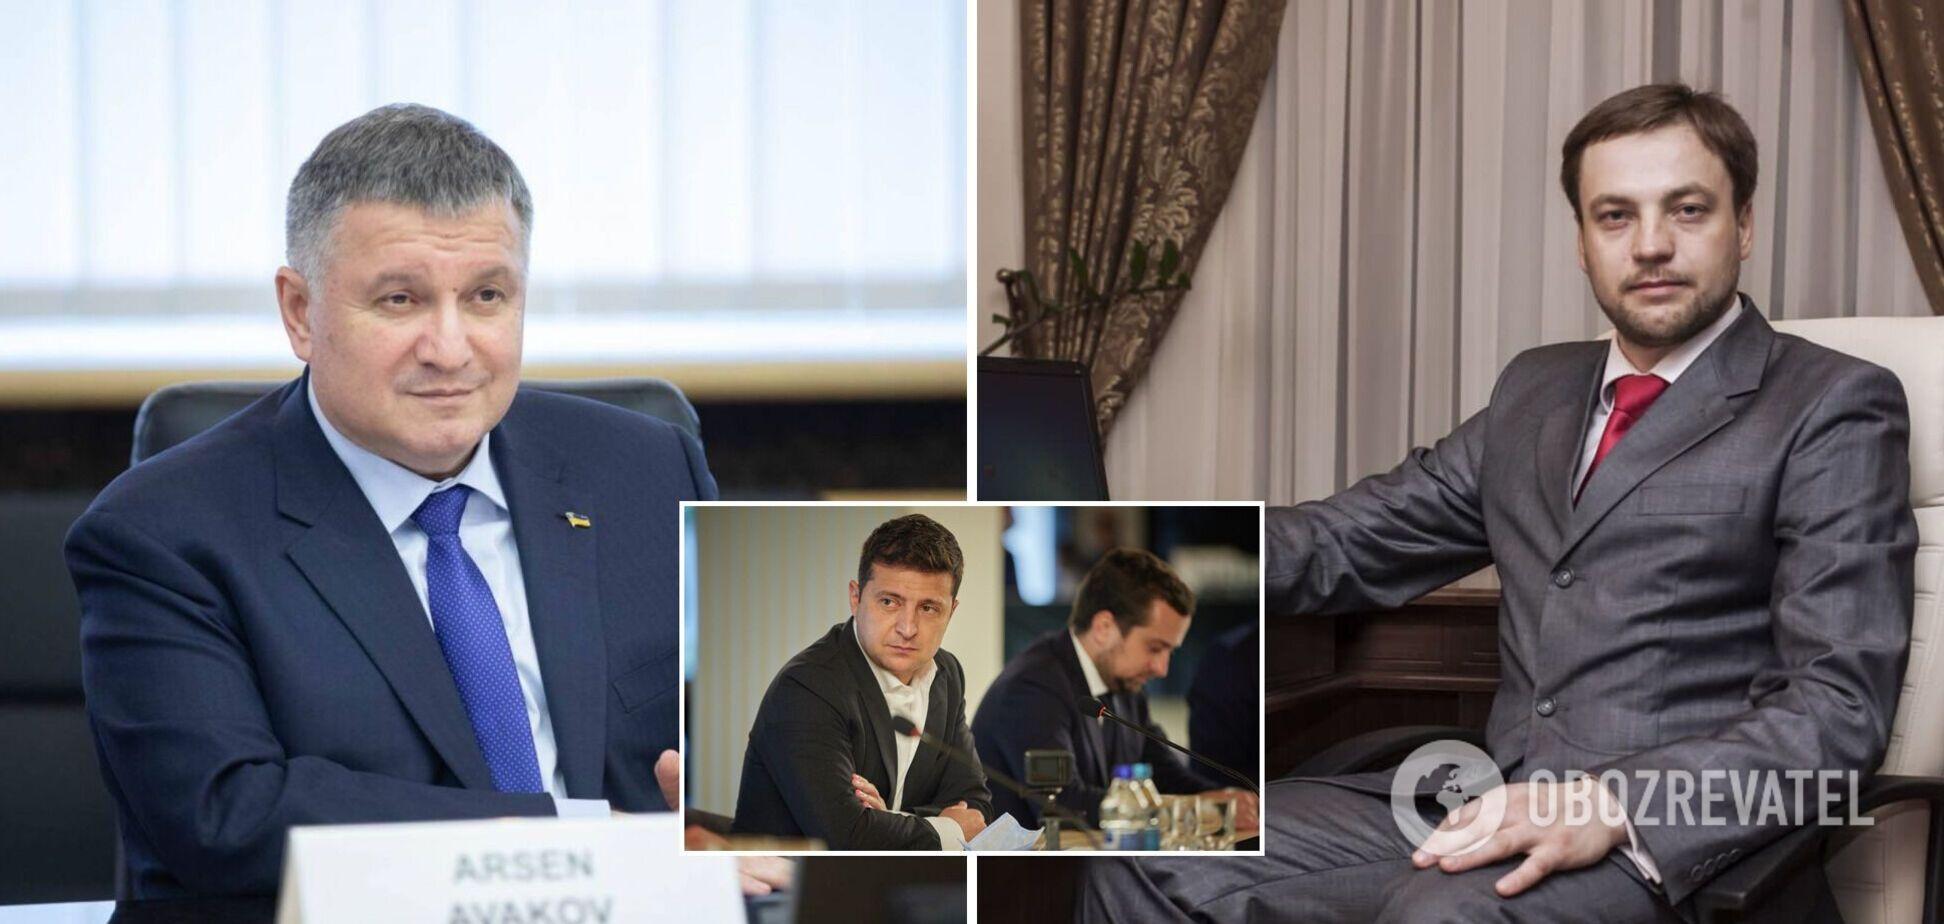 Володимир Зеленський знайшов заміну Арсену Авакову